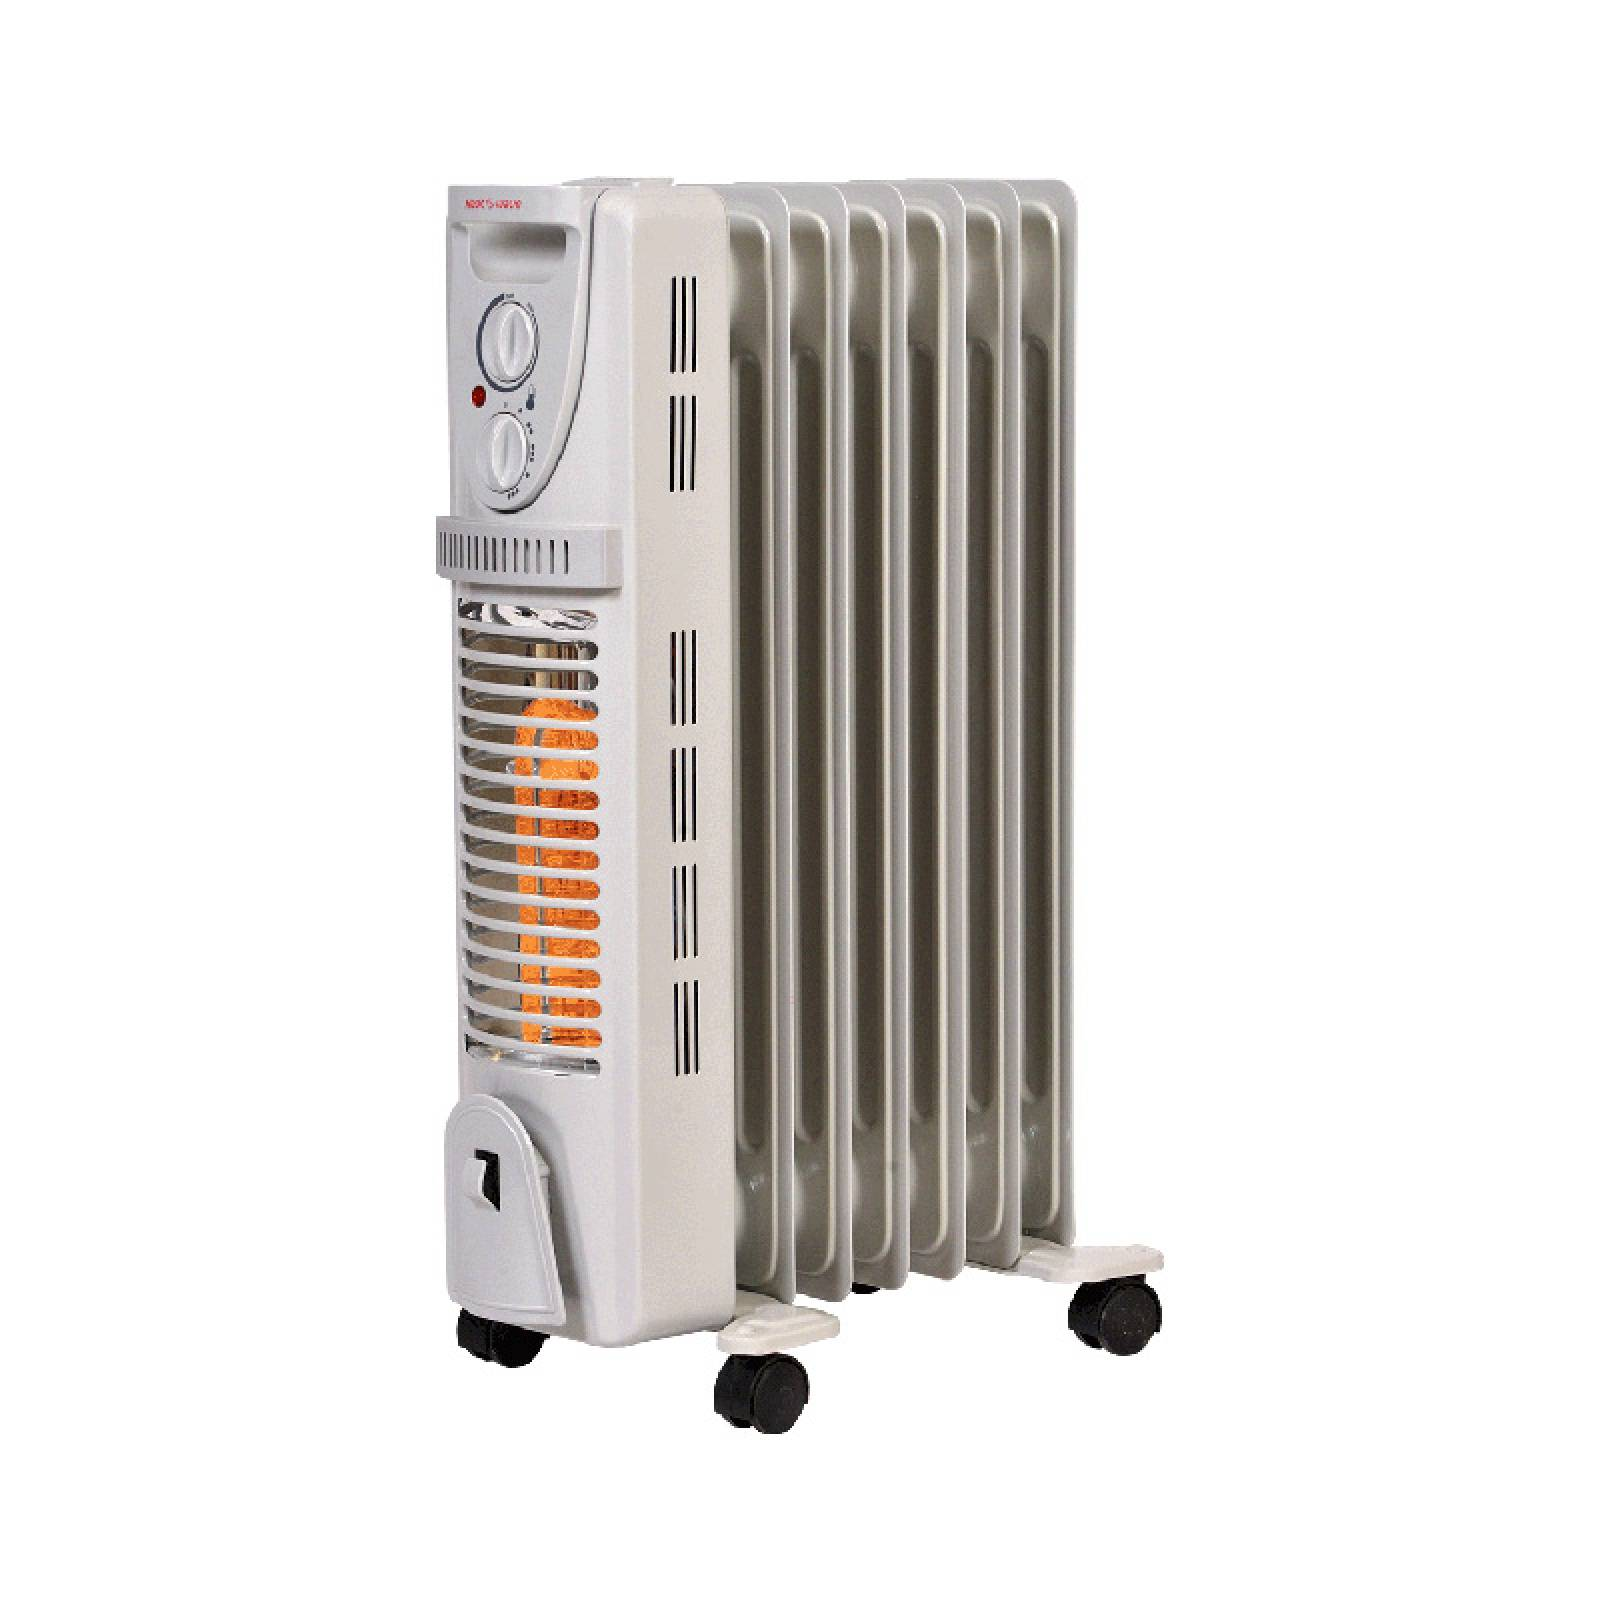 Calentador Calefactor Elect y Halogeno 2 en 1 Heat Wave